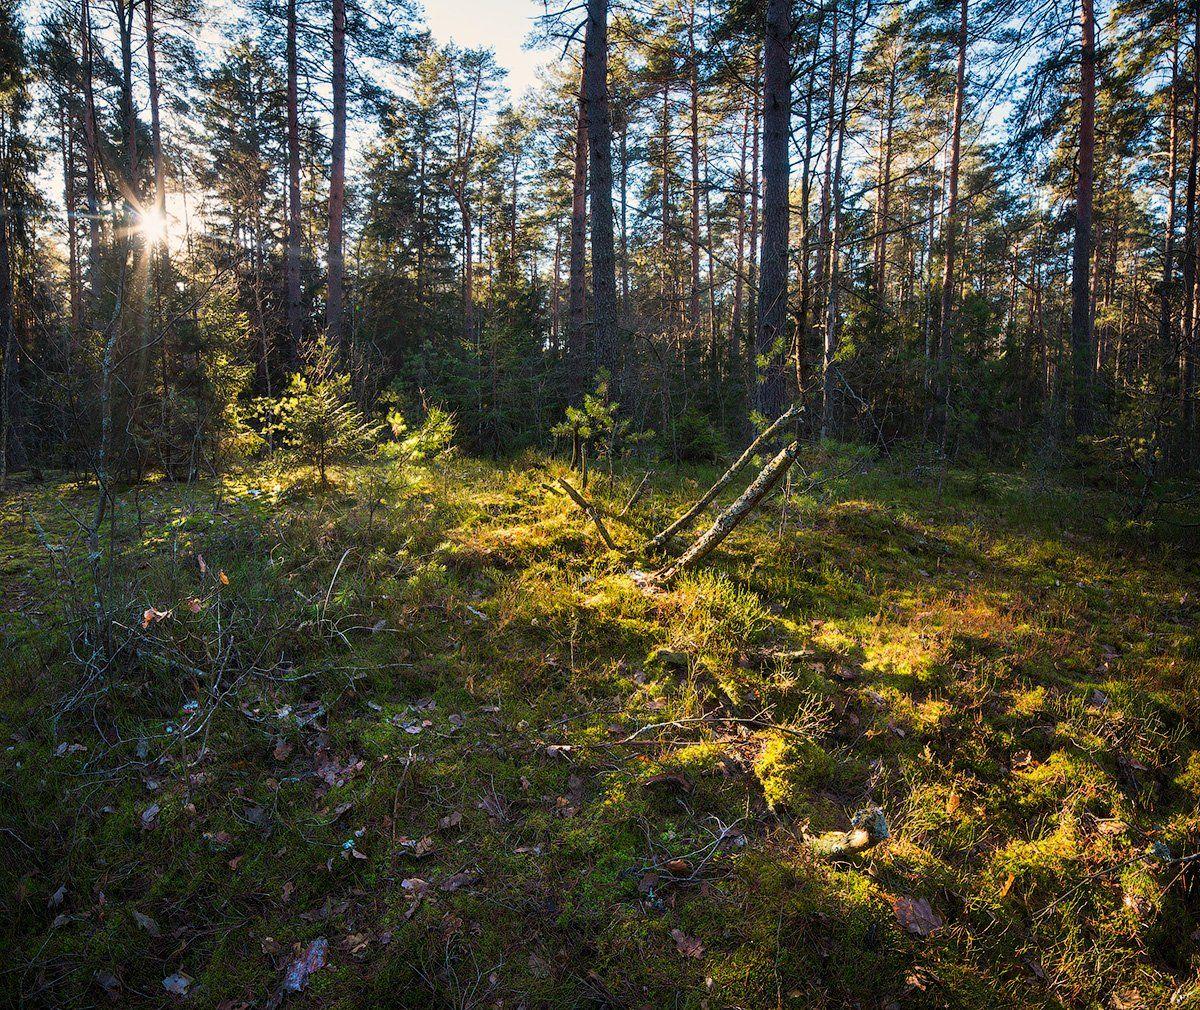 forest, trees, pines, sun, rays, green, moos, лес, деревья, сосны, полесье, Голубев Дмитрий